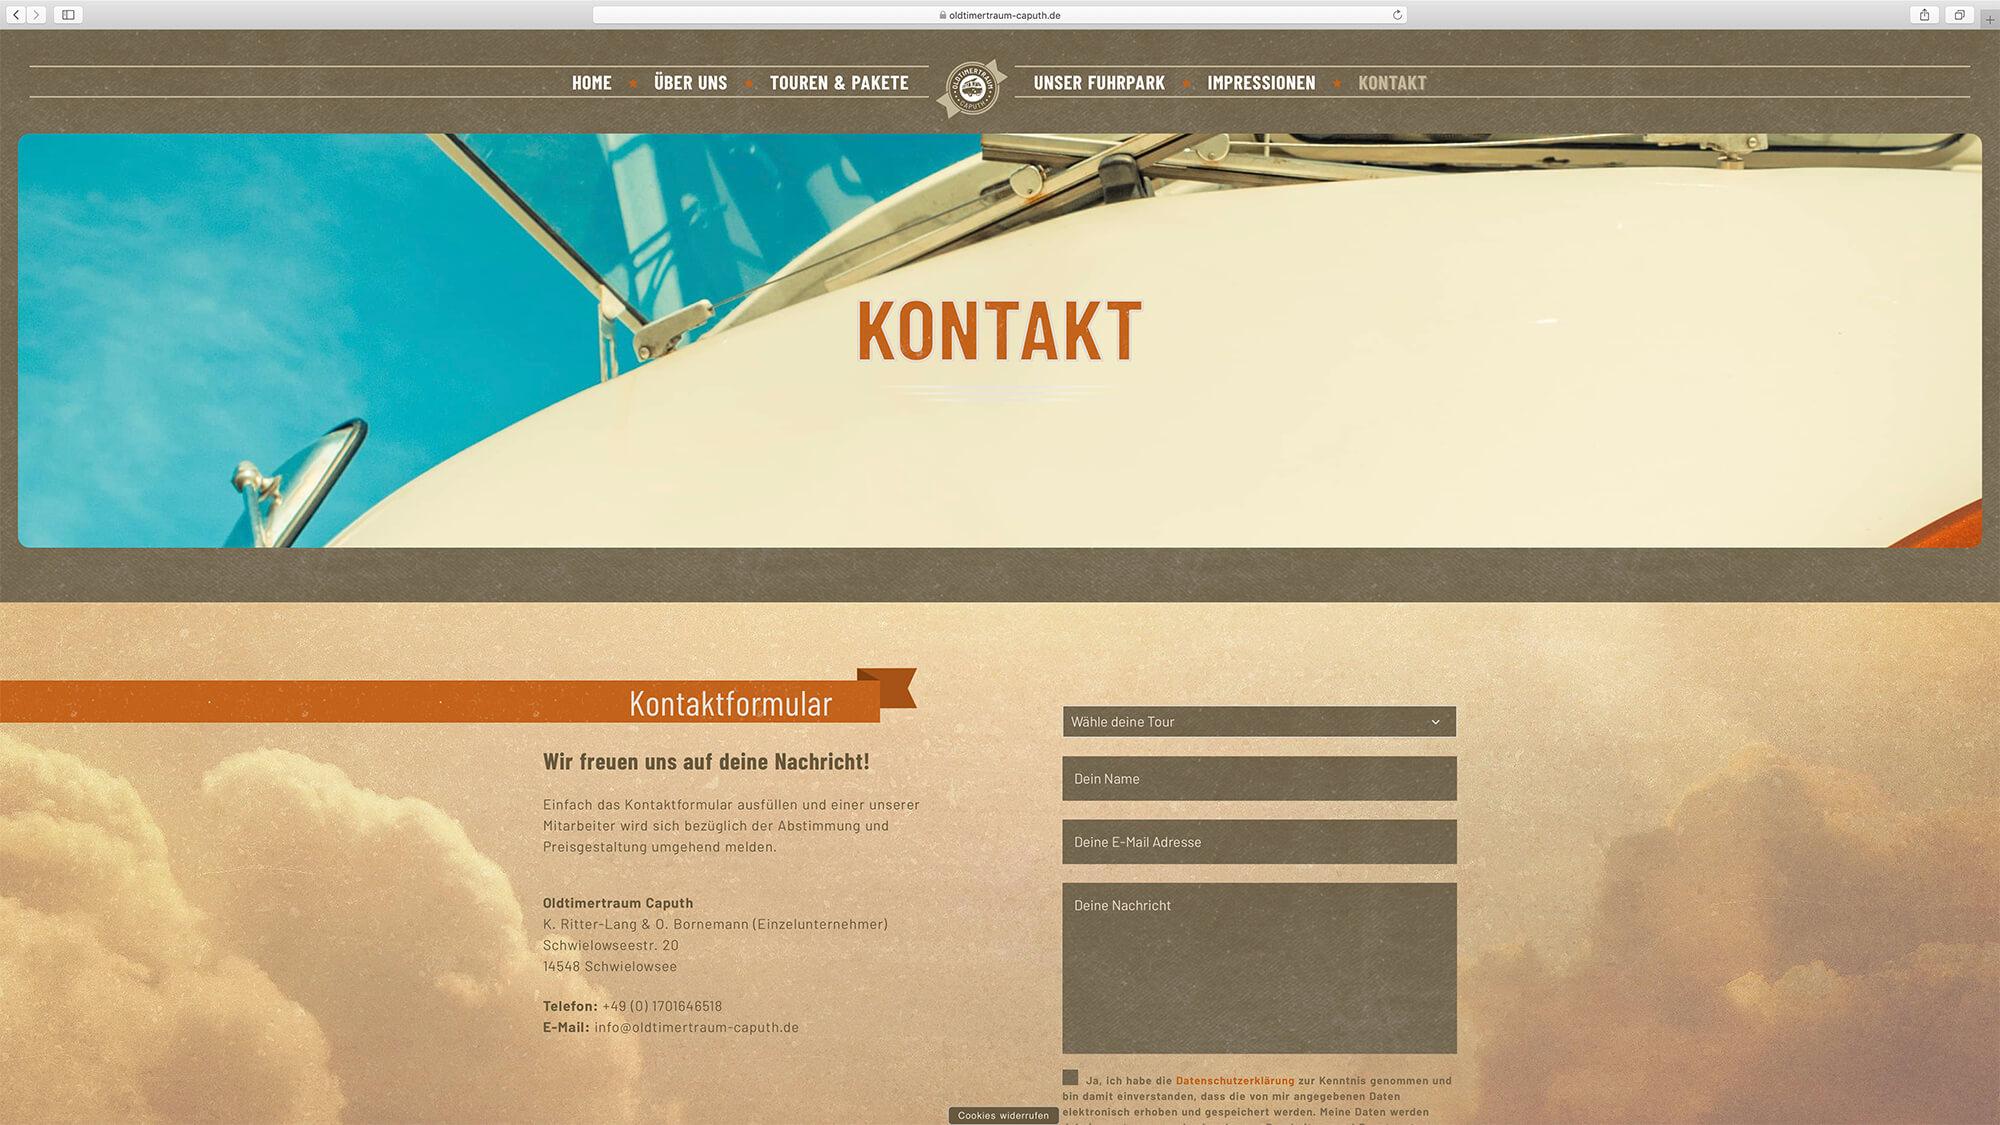 jung und billig werbeagentur oldtimertraum caputh webdesign bildschirm 8 - Oldtimertraum Caputh